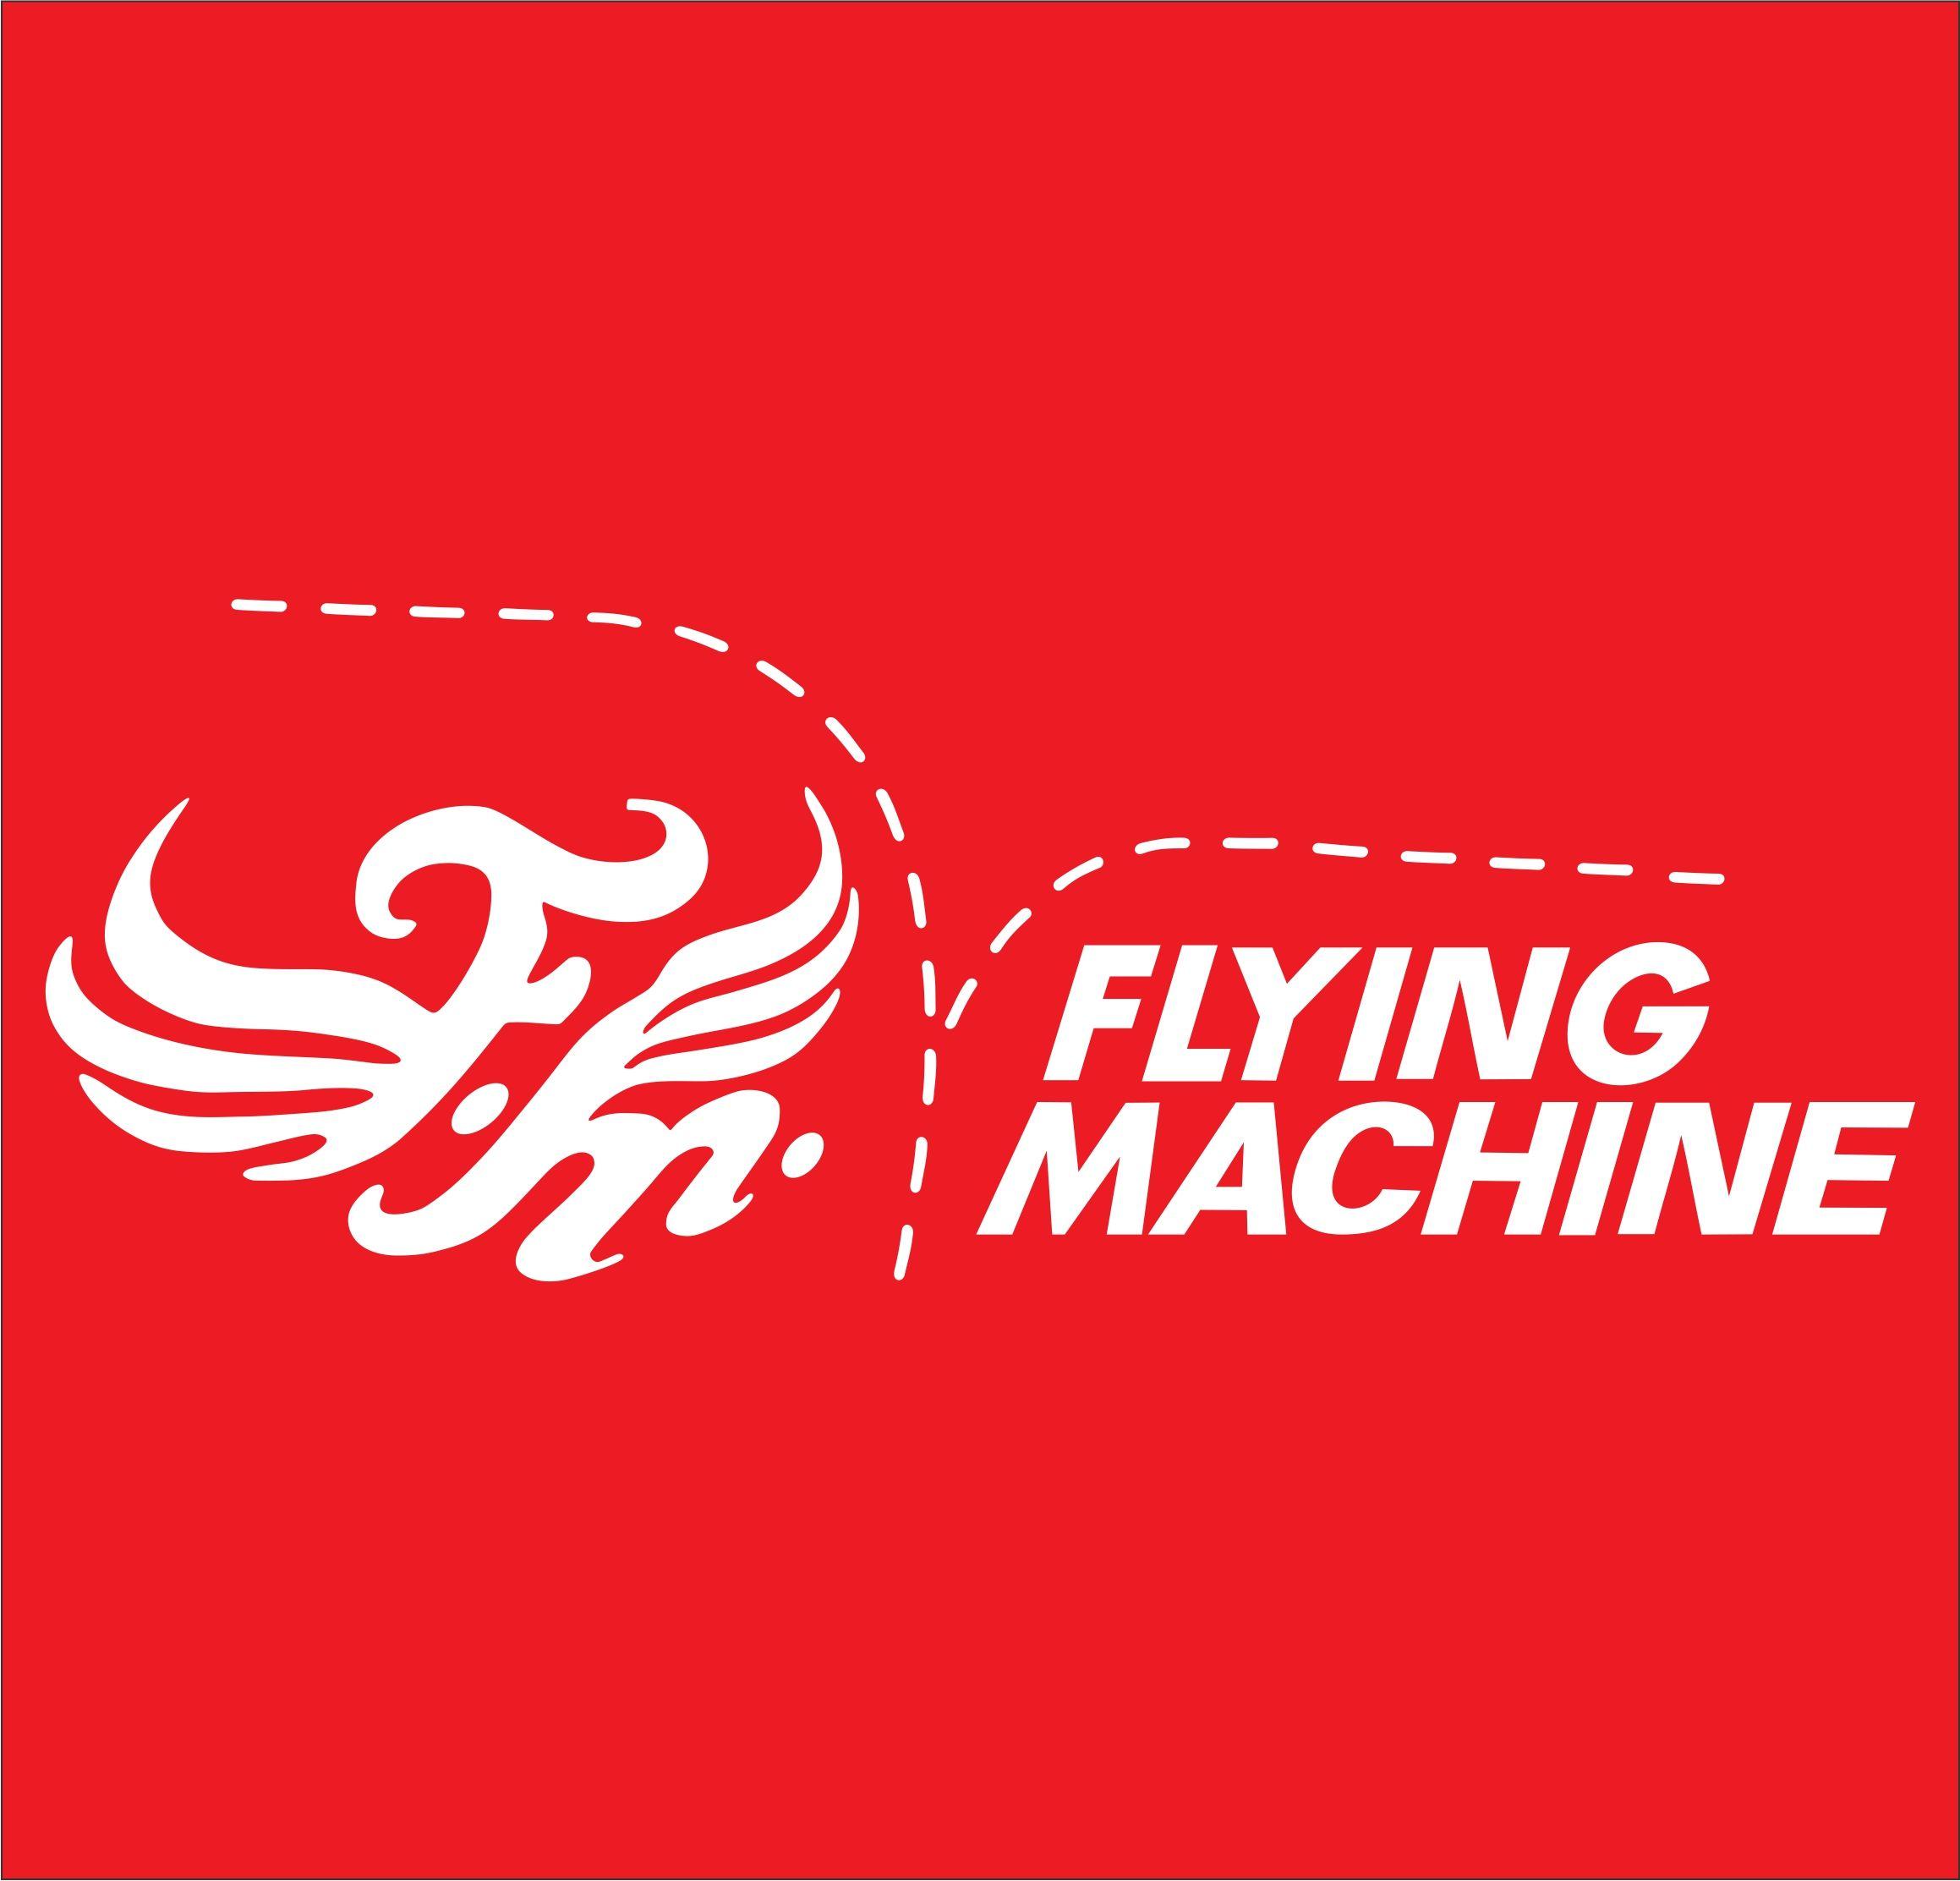 Flying machine in 2020 logos free logo retail logos